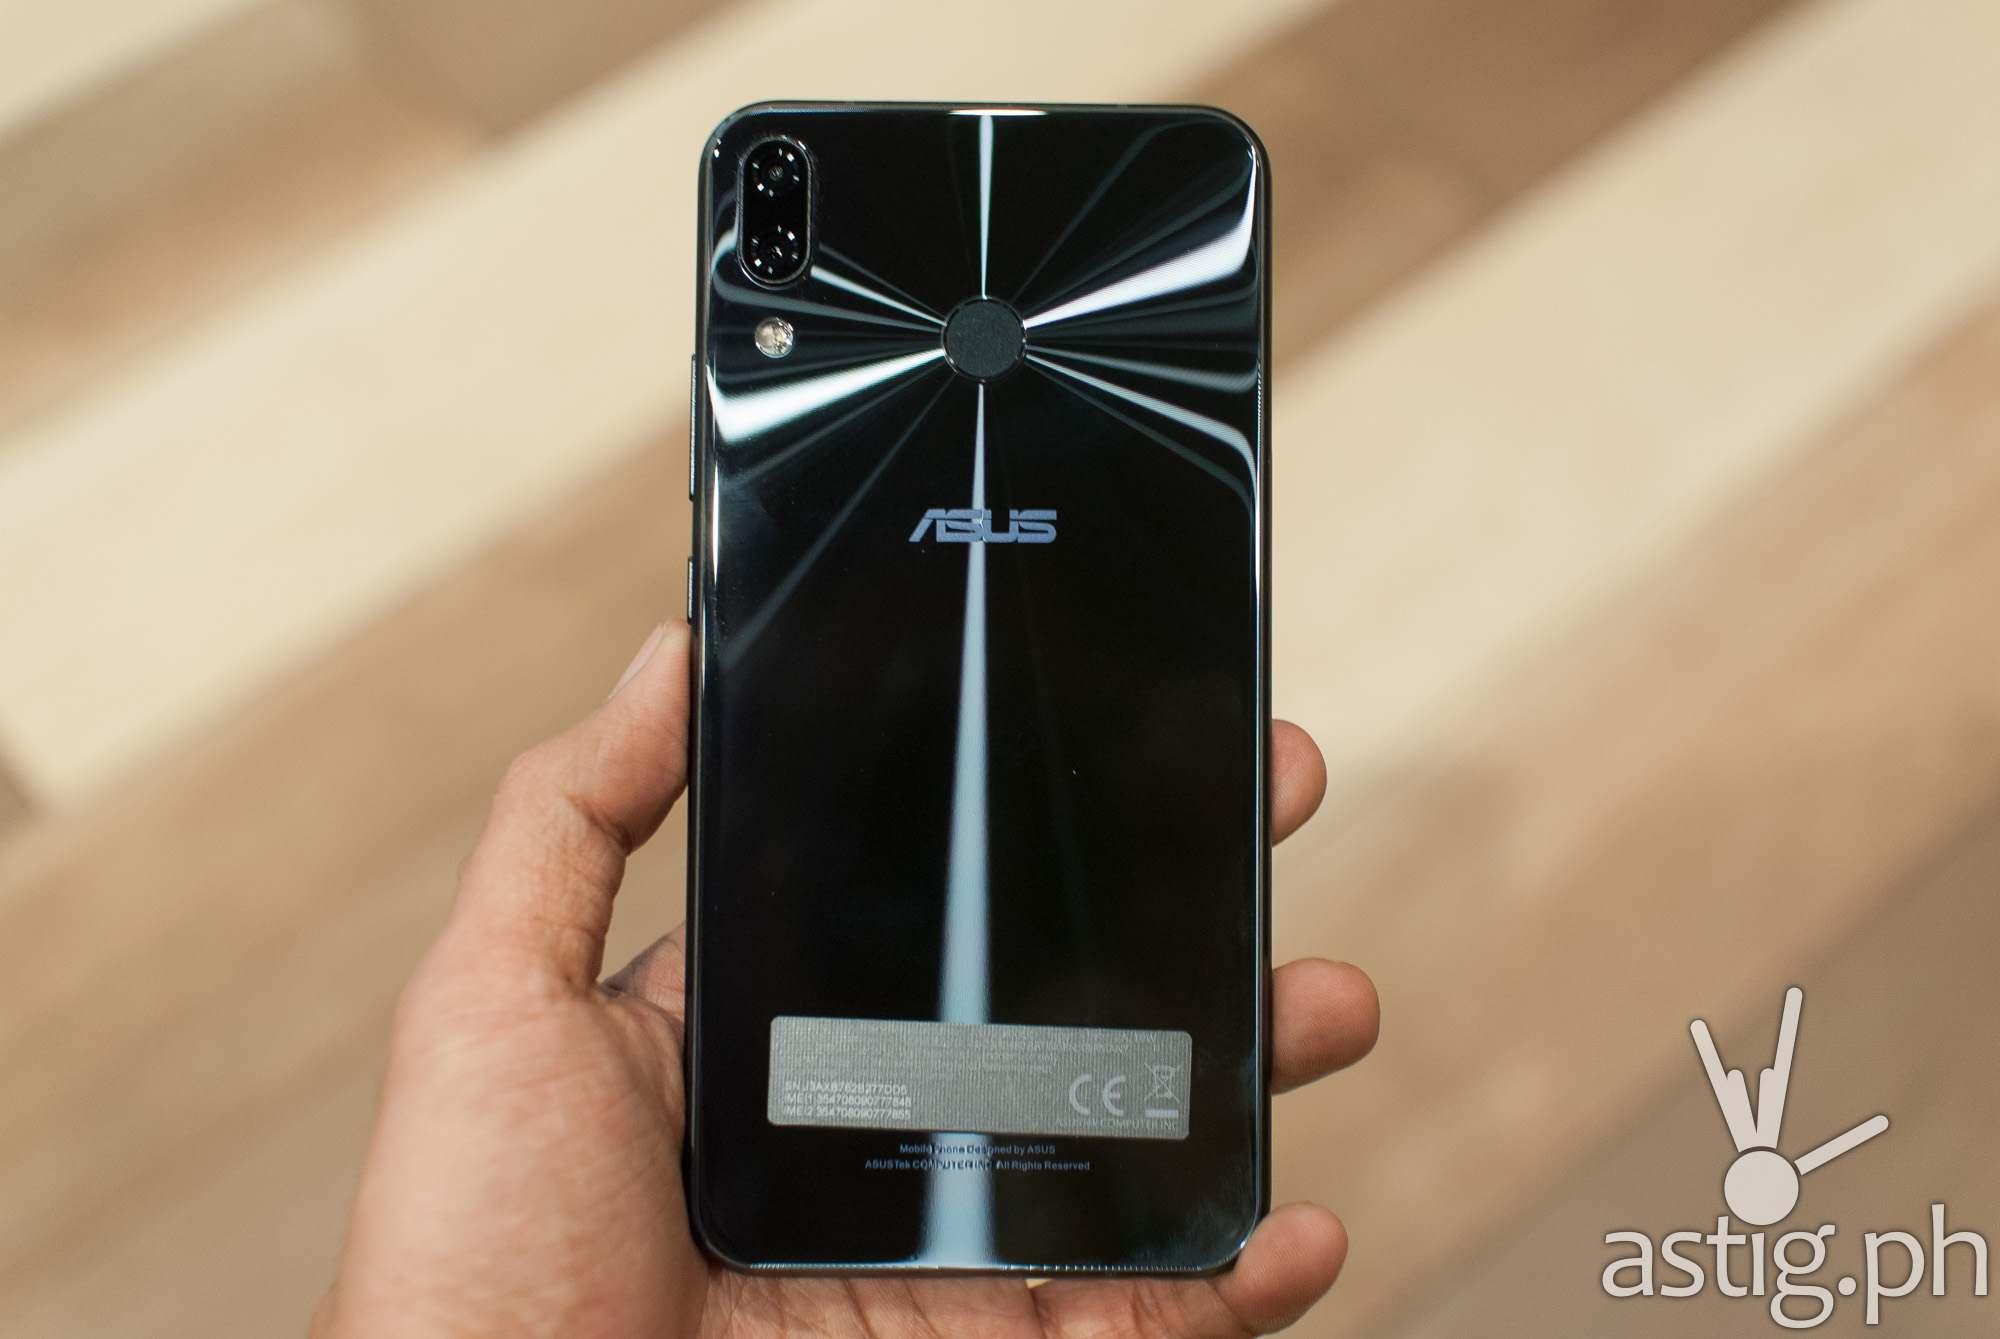 ASUS Zenfone 5 handheld back